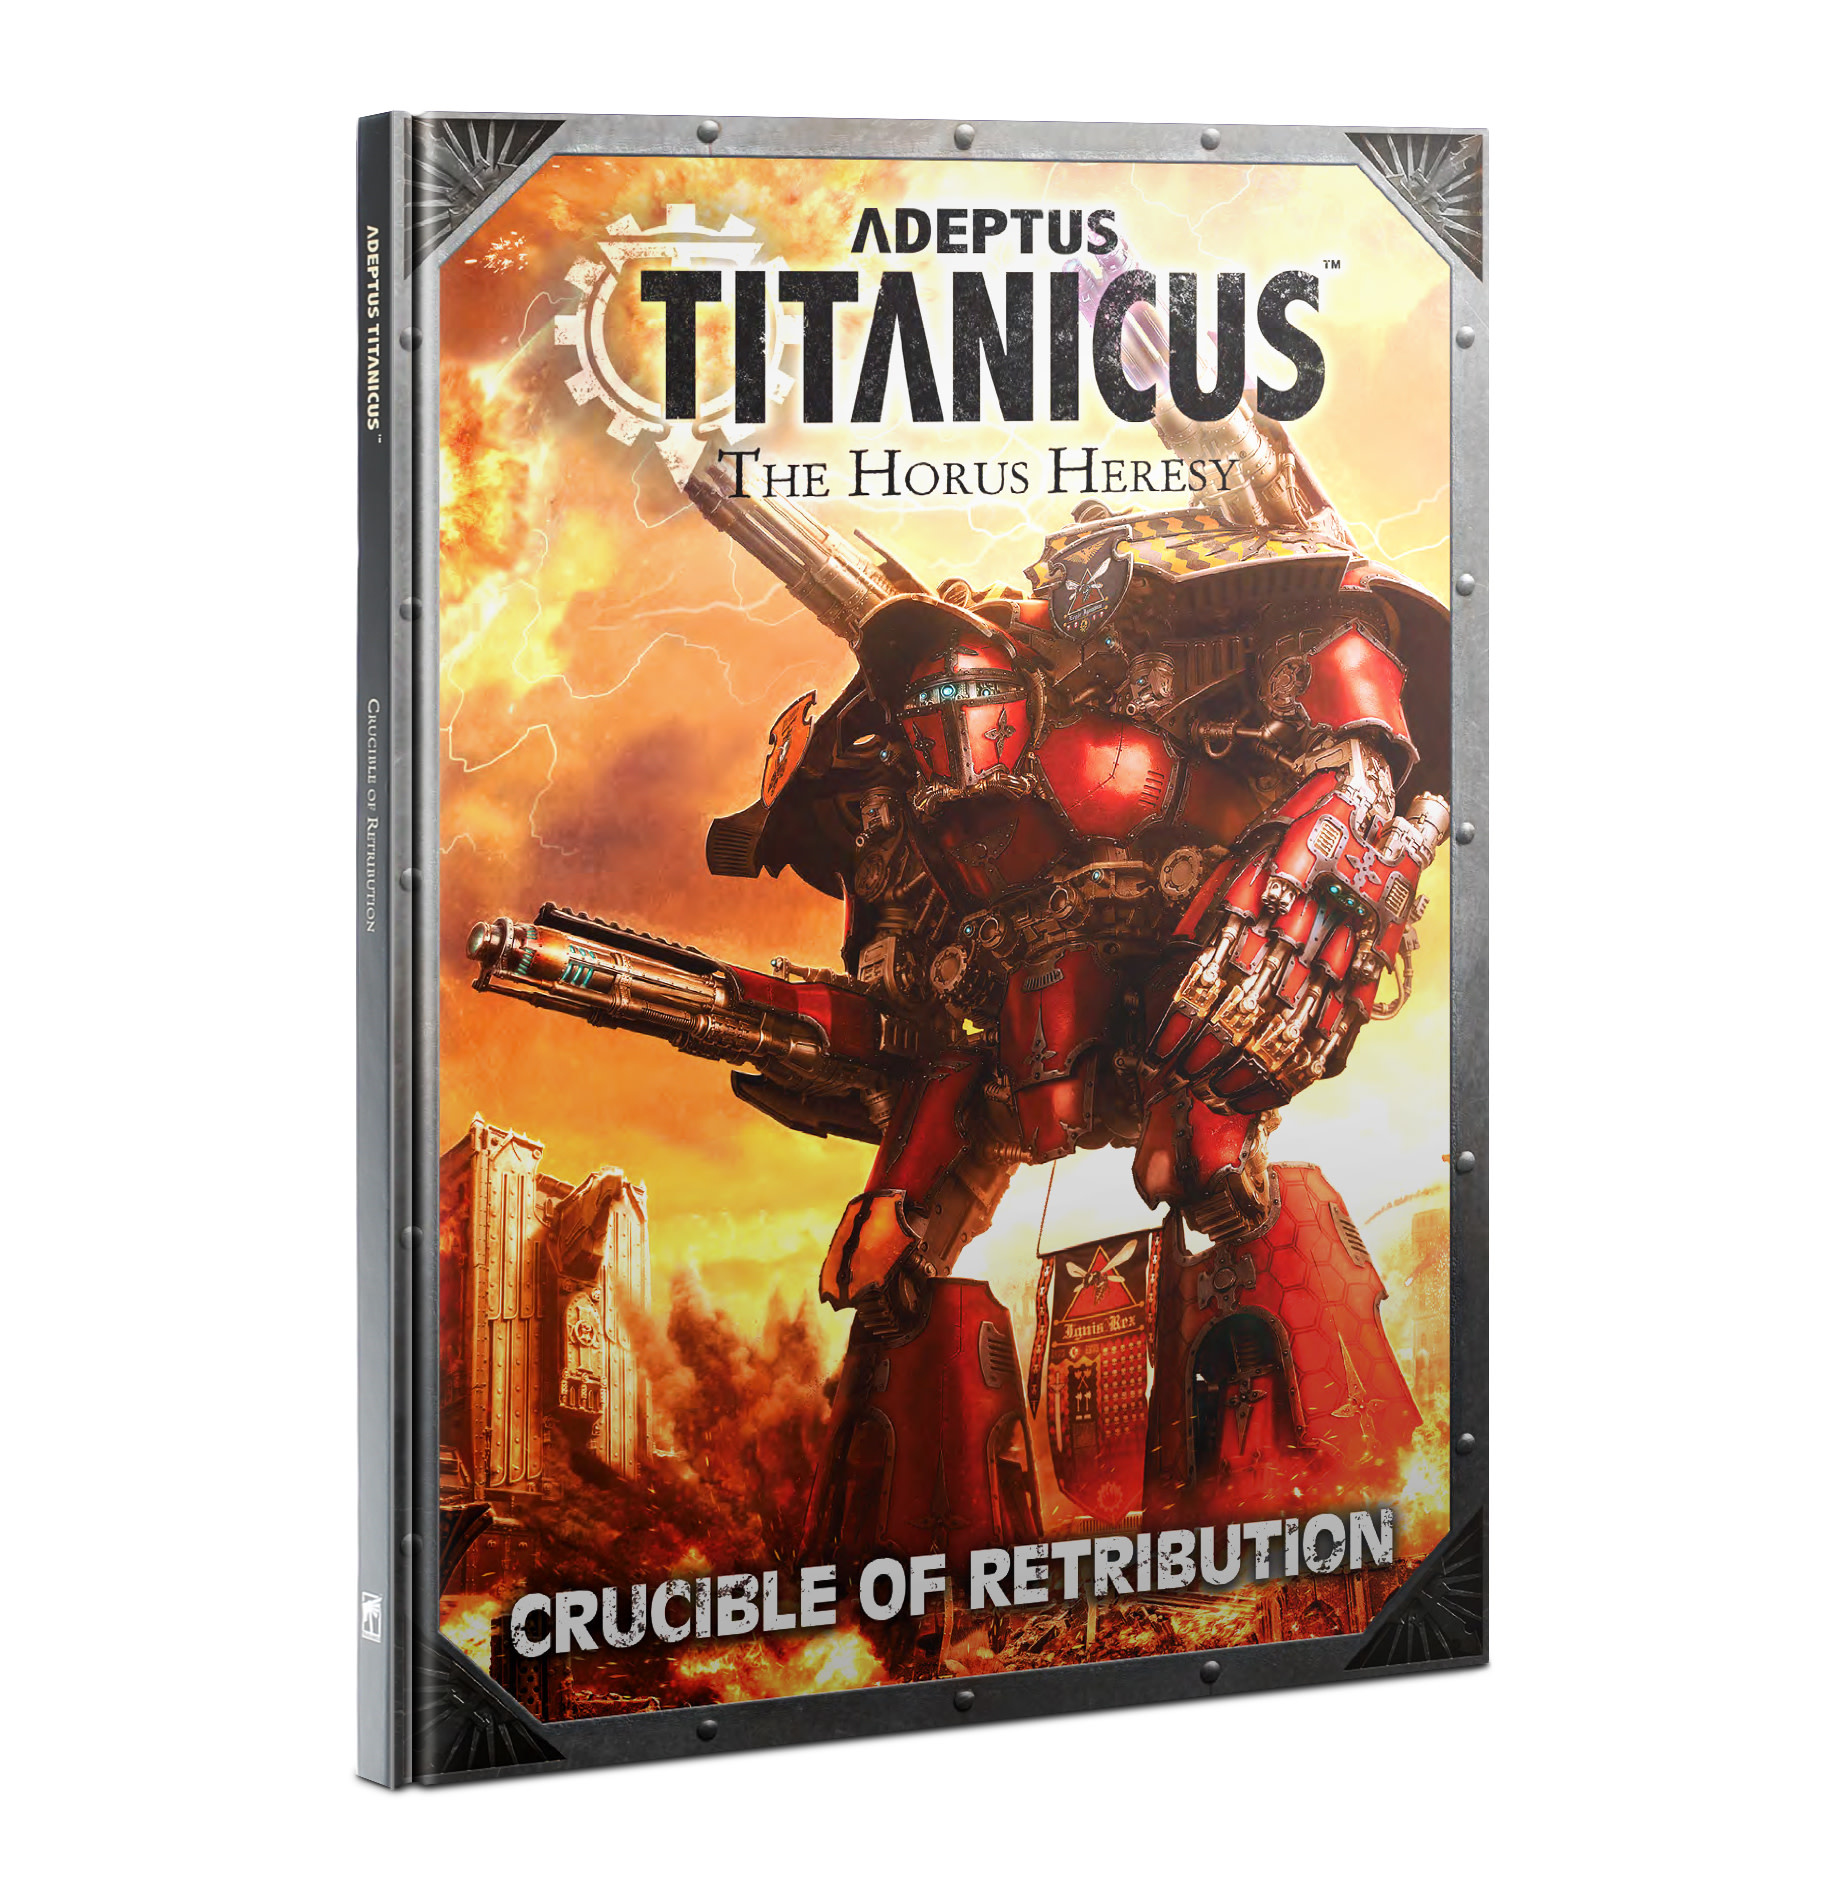 Games-Workshop Adeptus Titanicus: Crucible of Retribution